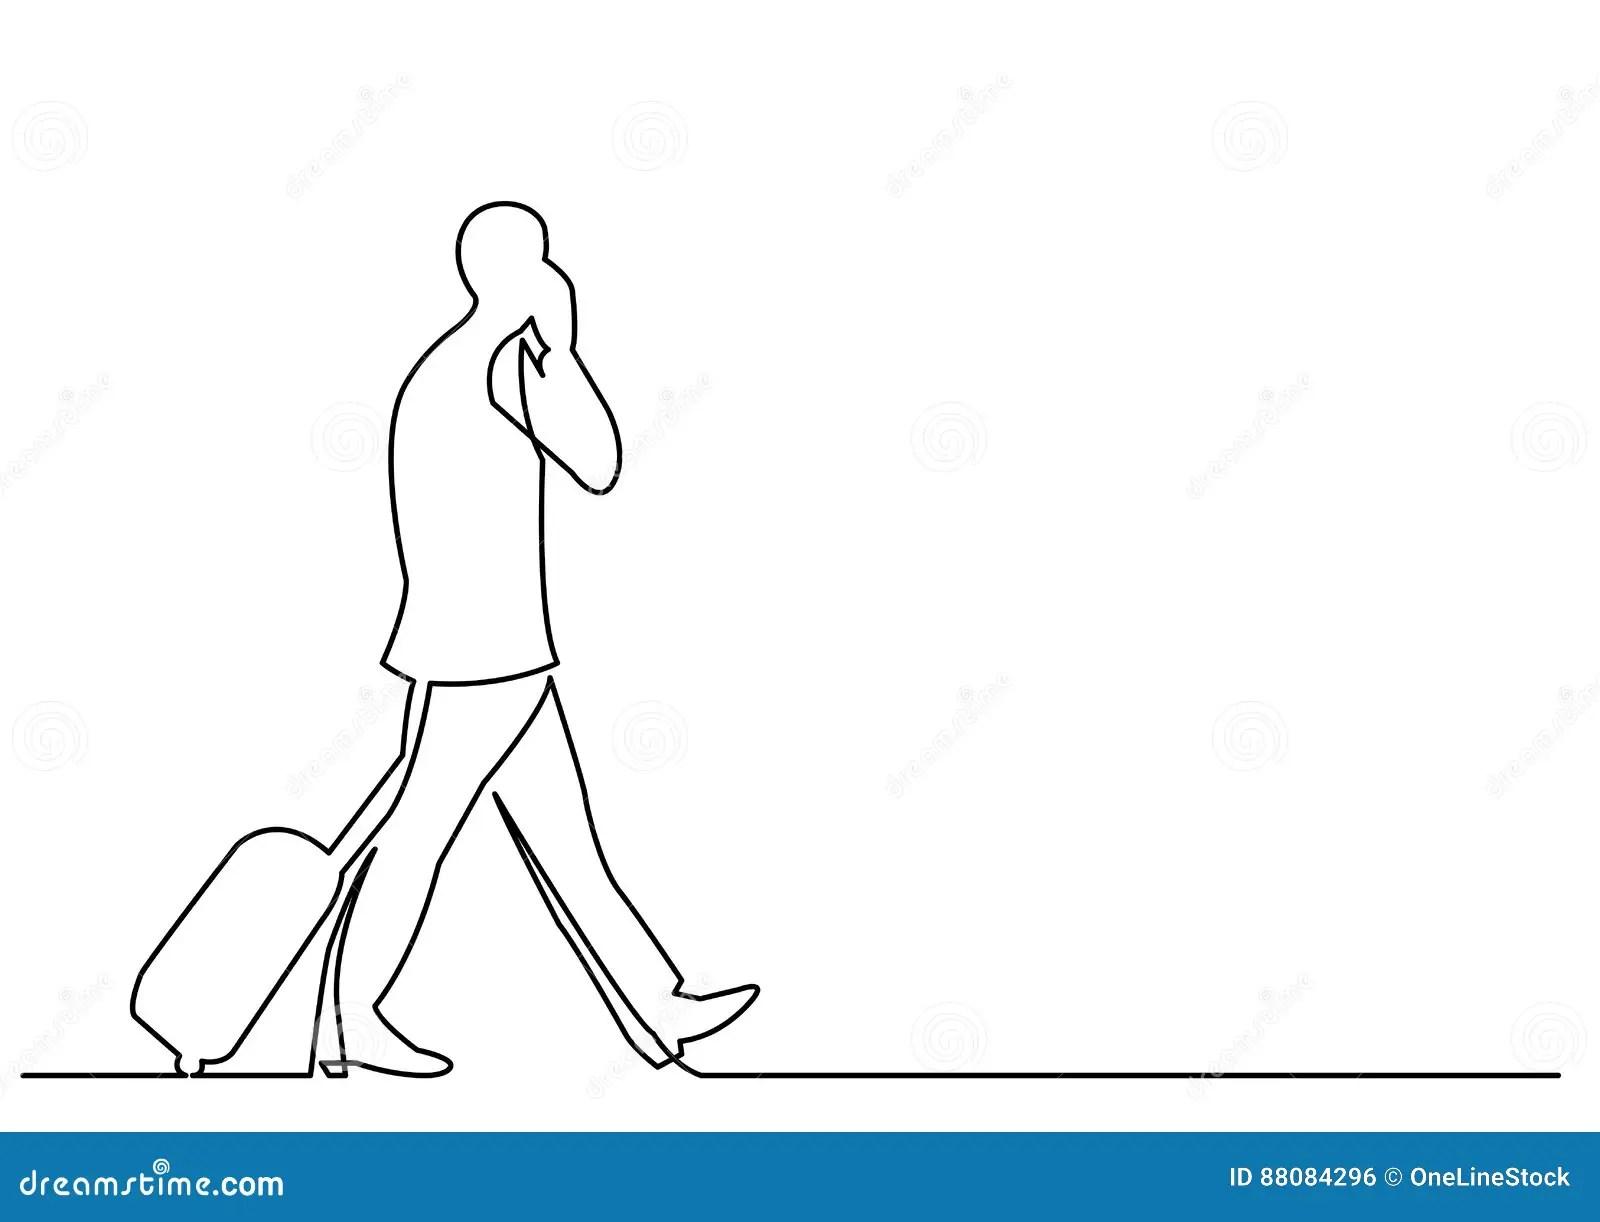 Walking Line Vector